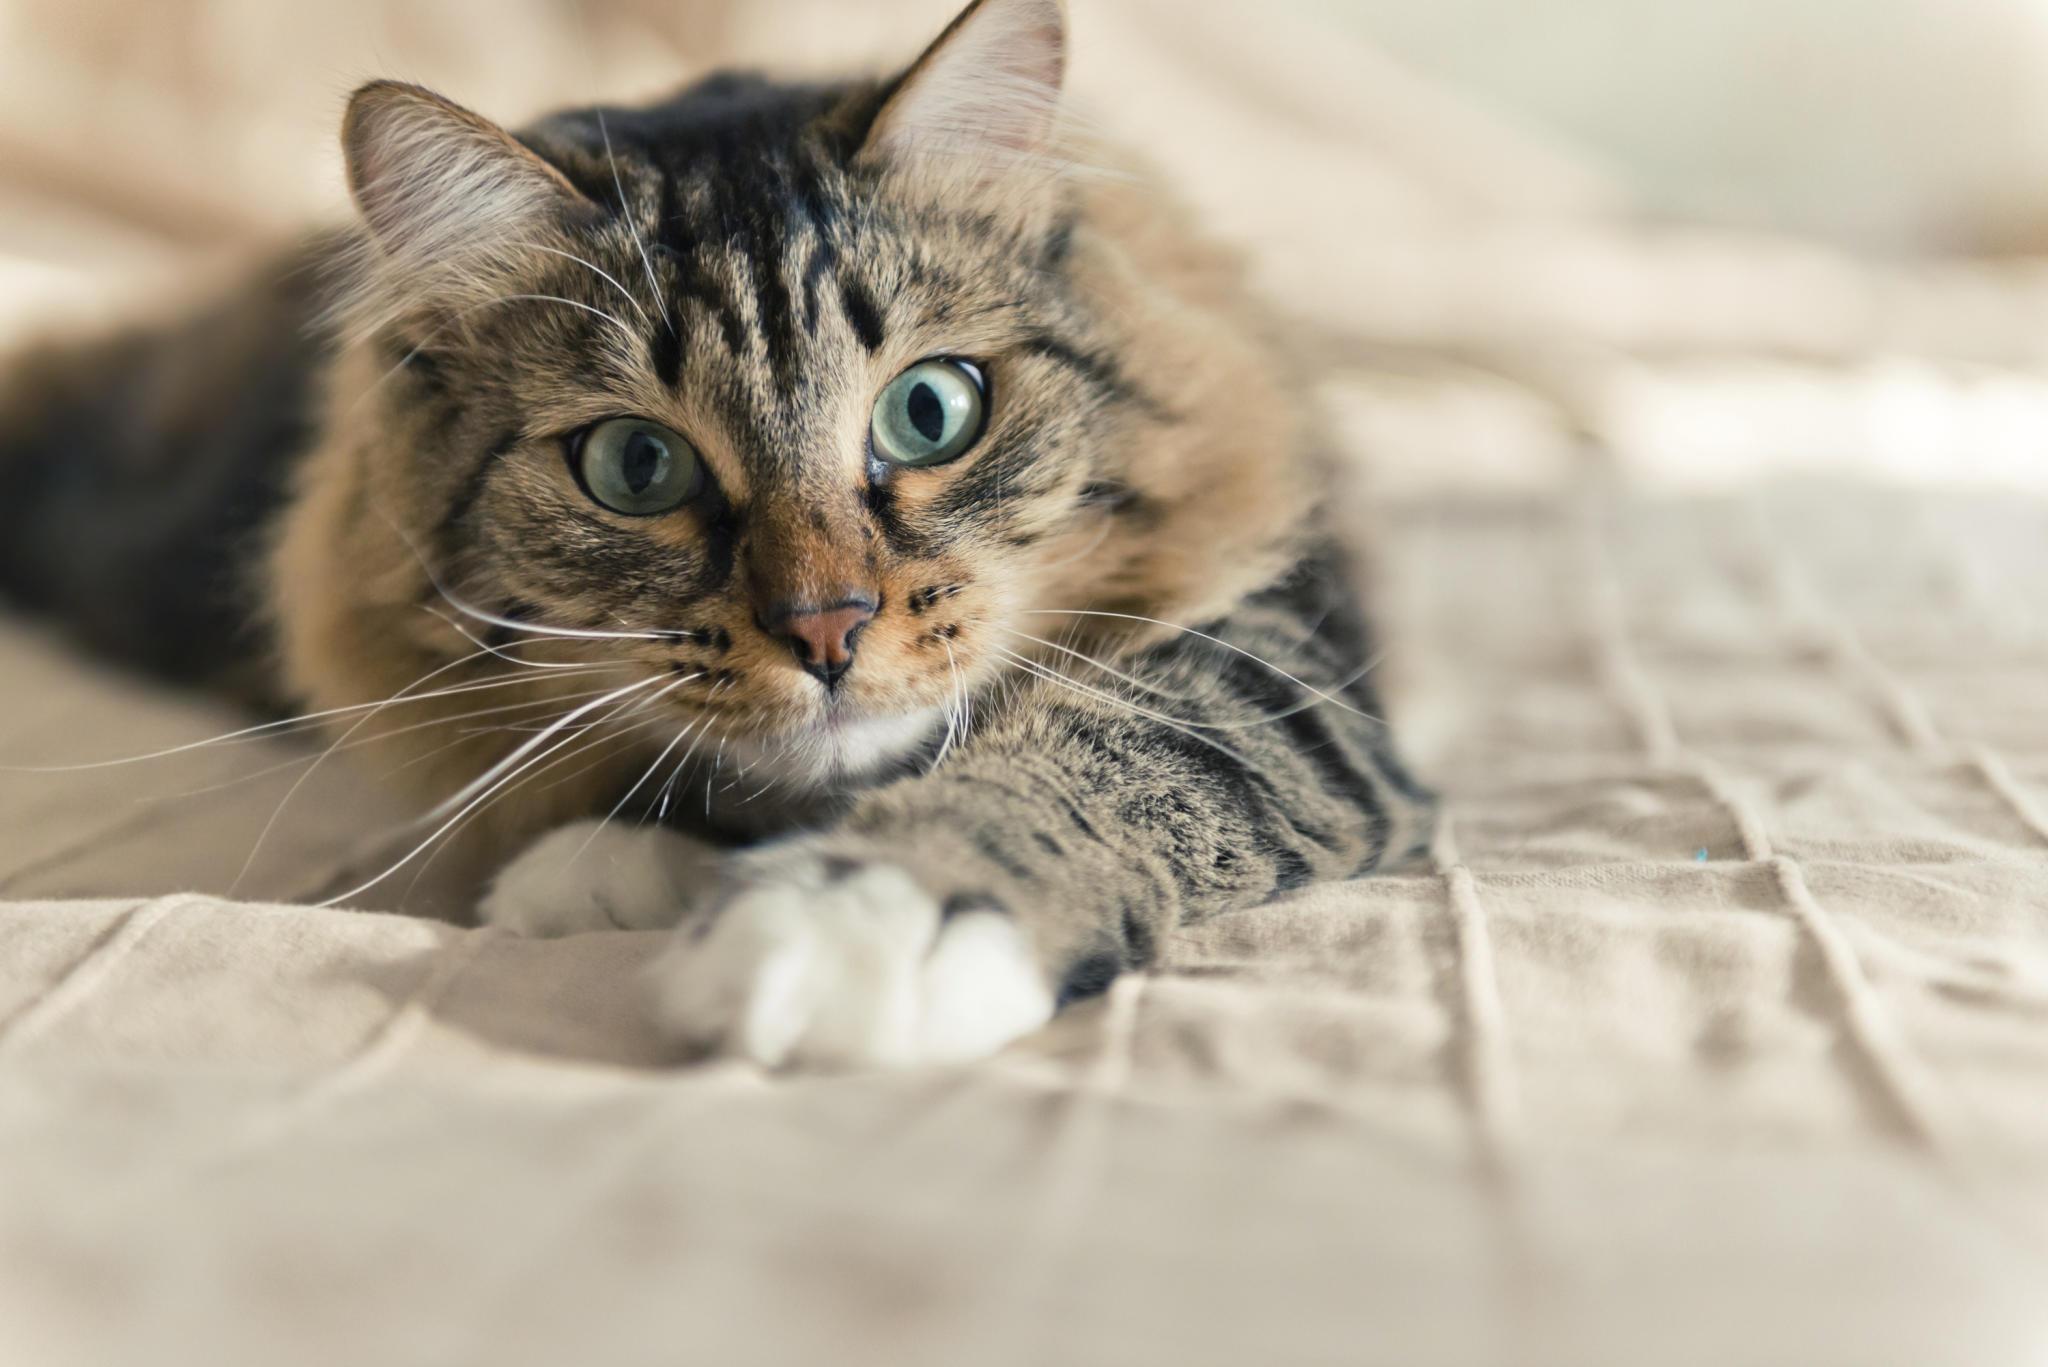 fellfarbe bei katzen das sagt die farbe ihrer katze ber ihren charakter aus. Black Bedroom Furniture Sets. Home Design Ideas